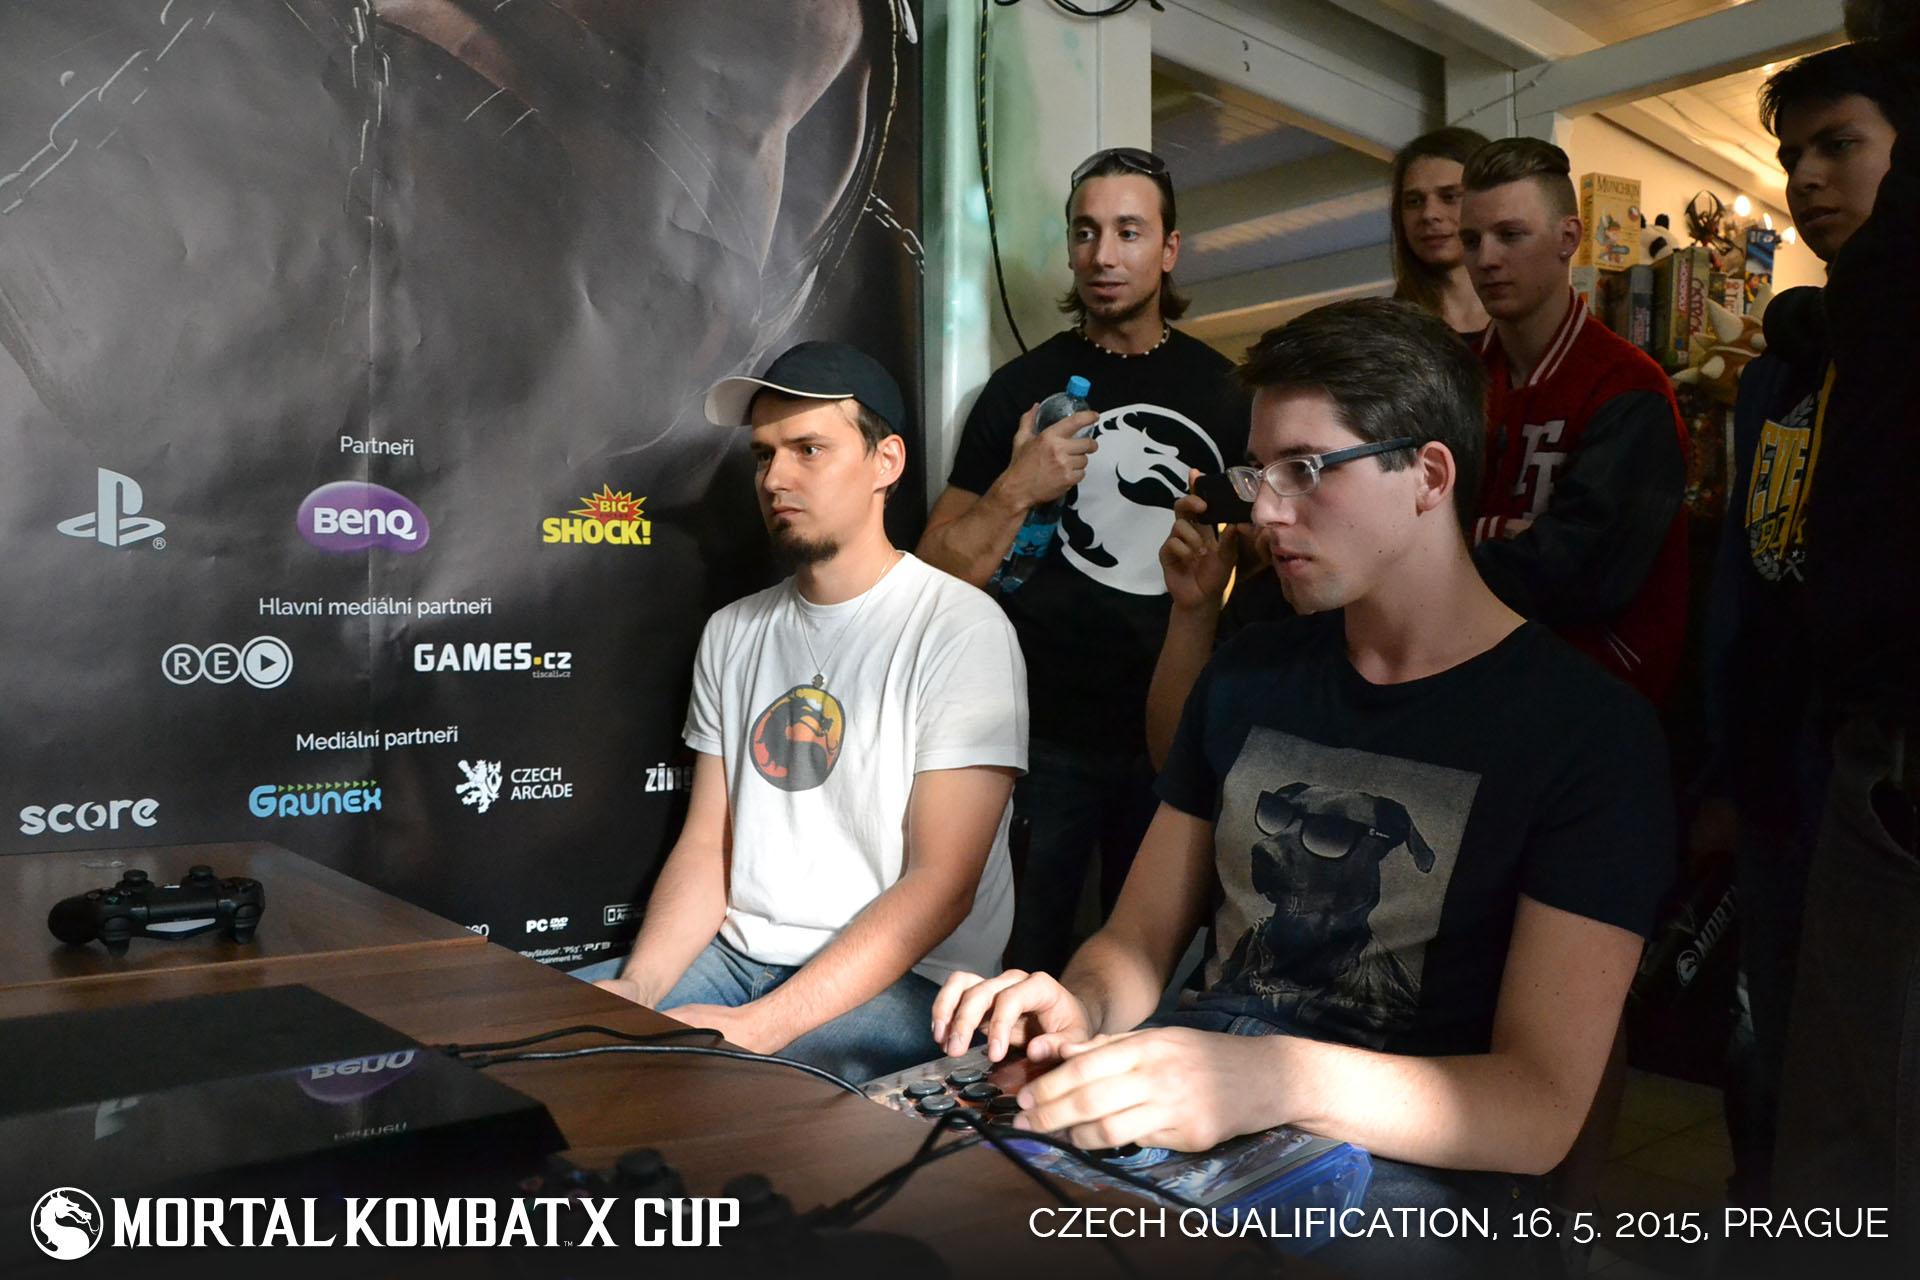 Česká kvalifikace na Mortal Kombat X Cup zná vítěze! 109160